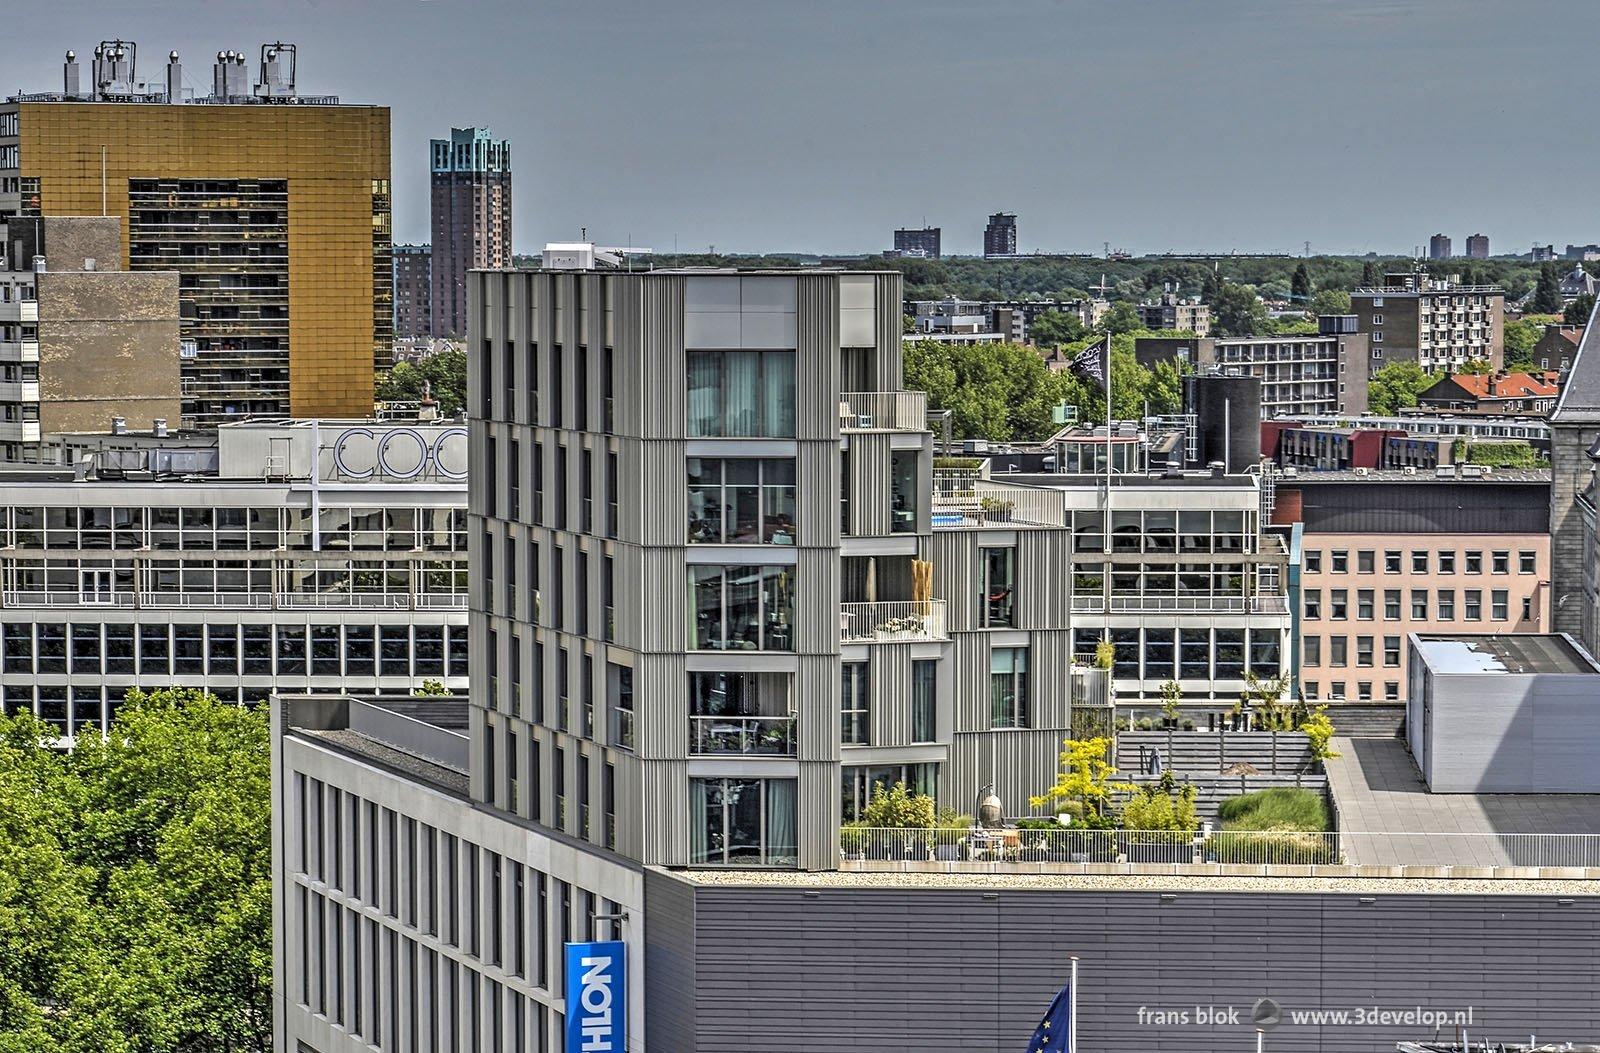 Zicht vanaf een van de Lijnbaanflats tijdens de Rotterdamse Dakendagen 2017 op het woongebouw boven de winkel van Decathlon aan de Coolsingel